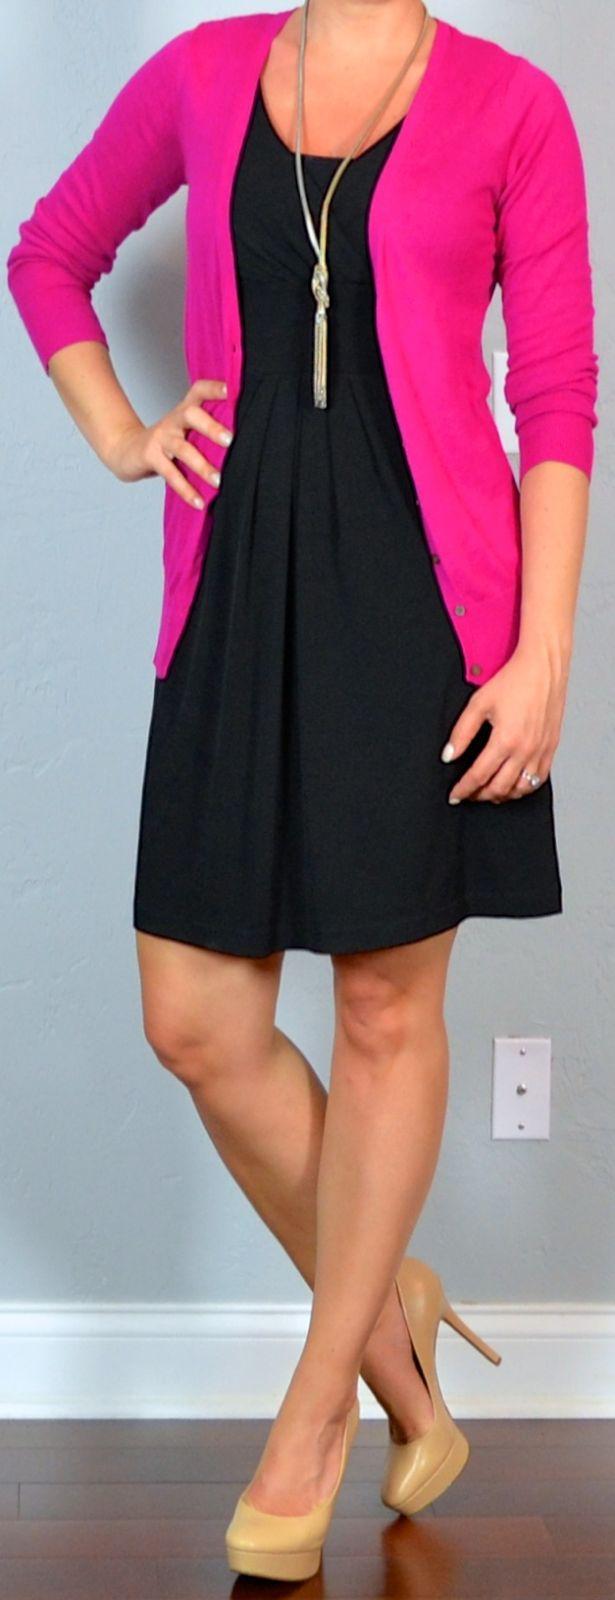 outfit post twofer: black dress, pink cardigan, nude pumps & black suit, burgundy camp shirt, black pumps